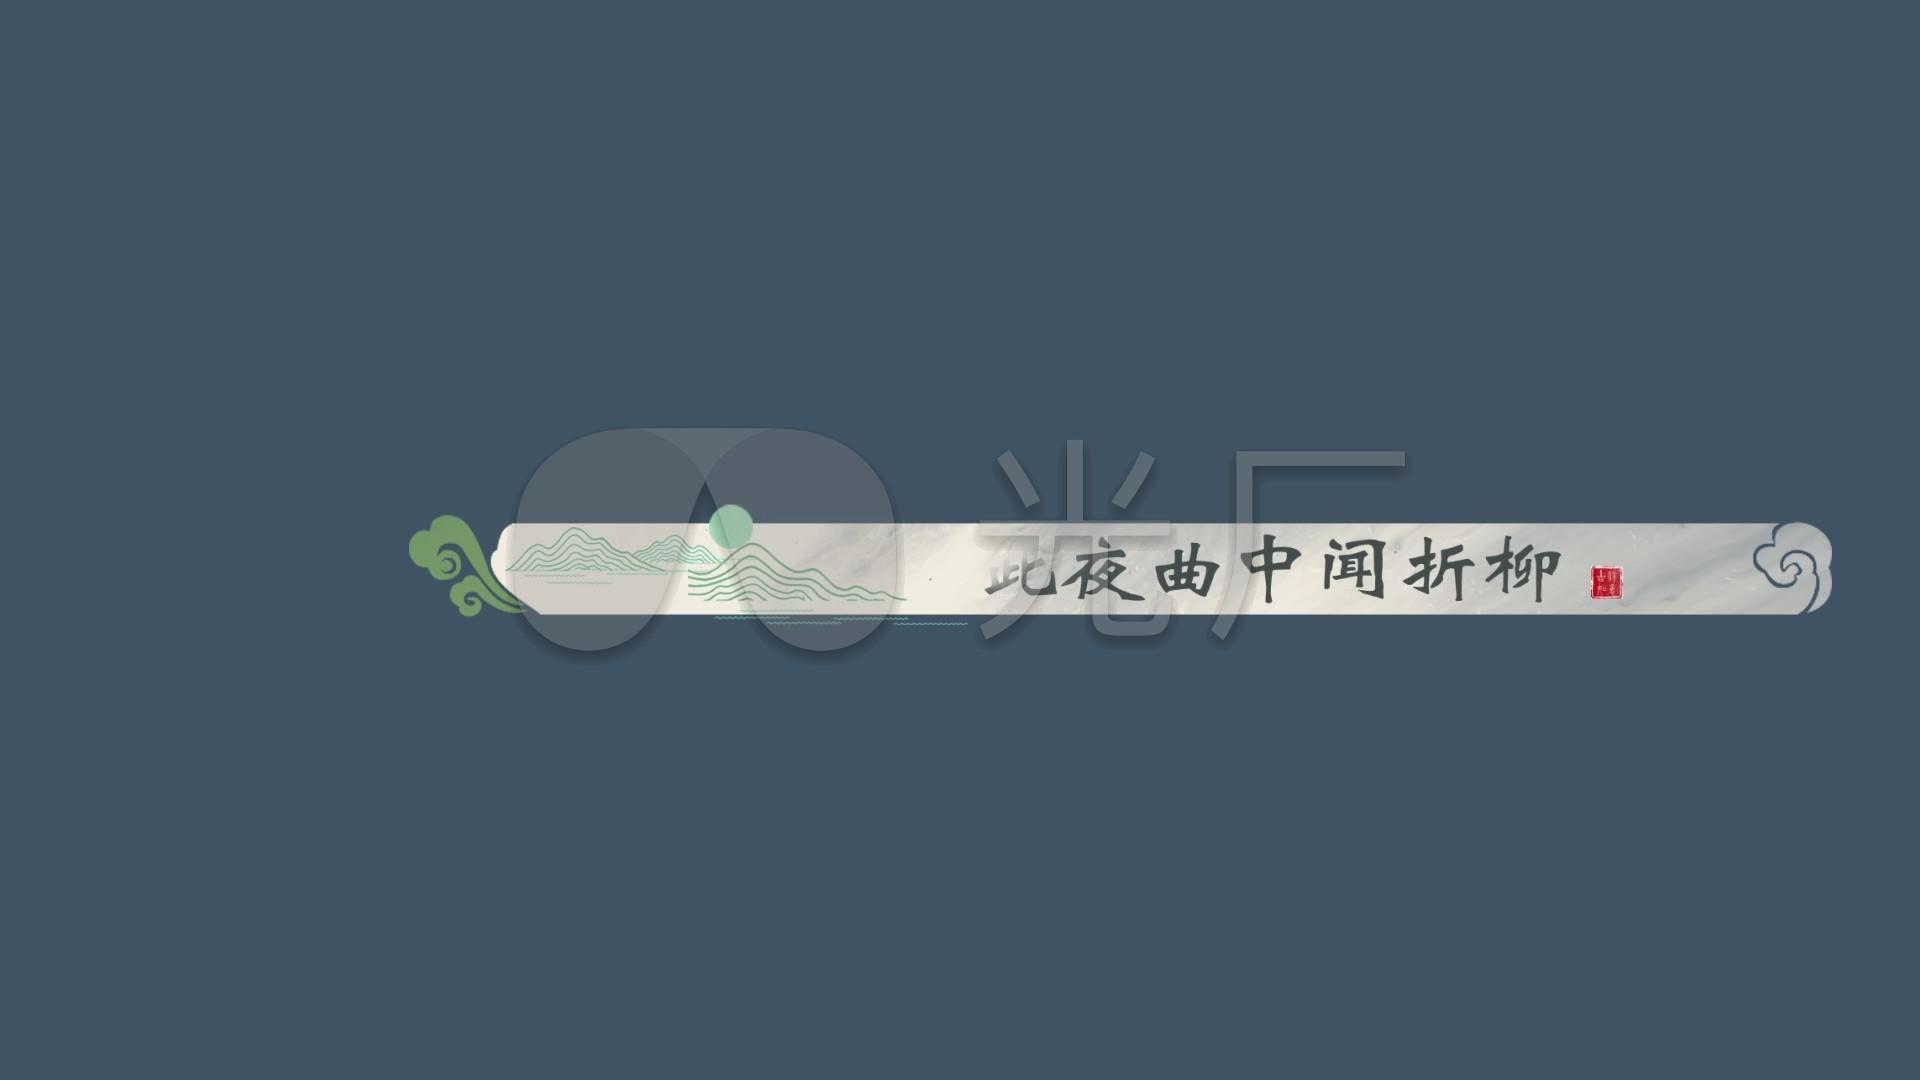 海画沙mv_Z制作水墨字幕条版式B1_AE模板下载(编号:2993144)_AE模板_VJ师网 www ...